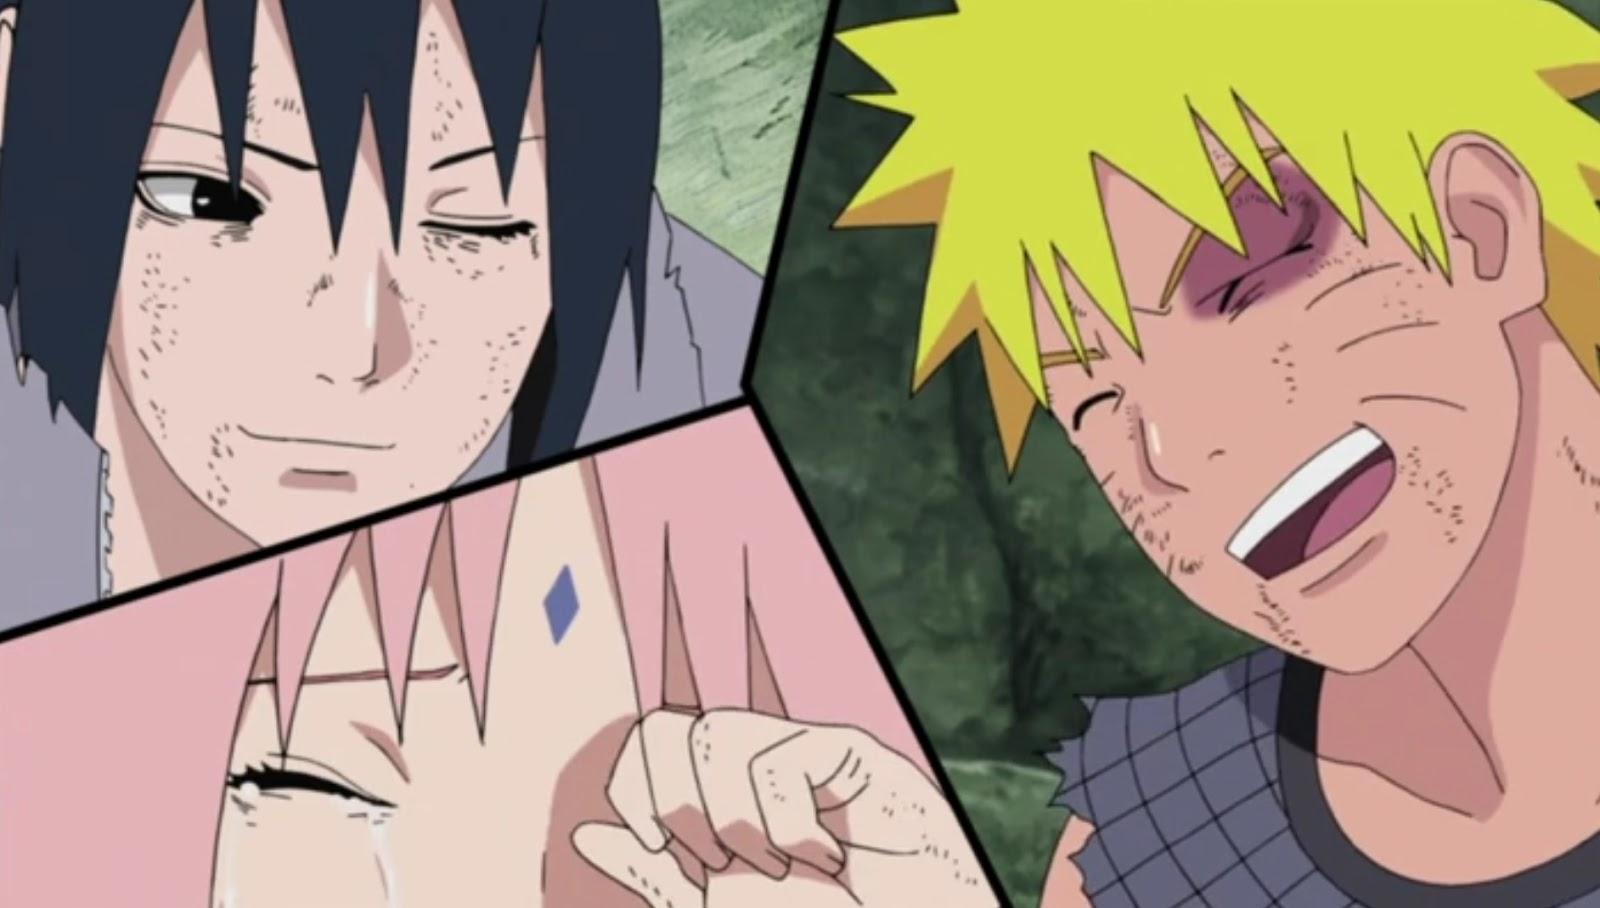 Naruto Shippuden Episódio 479, Assistir Naruto Shippuden Episódio 479, Assistir Naruto Shippuden Todos os Episódios Legendado, Naruto Shippuden episódio 479,HD